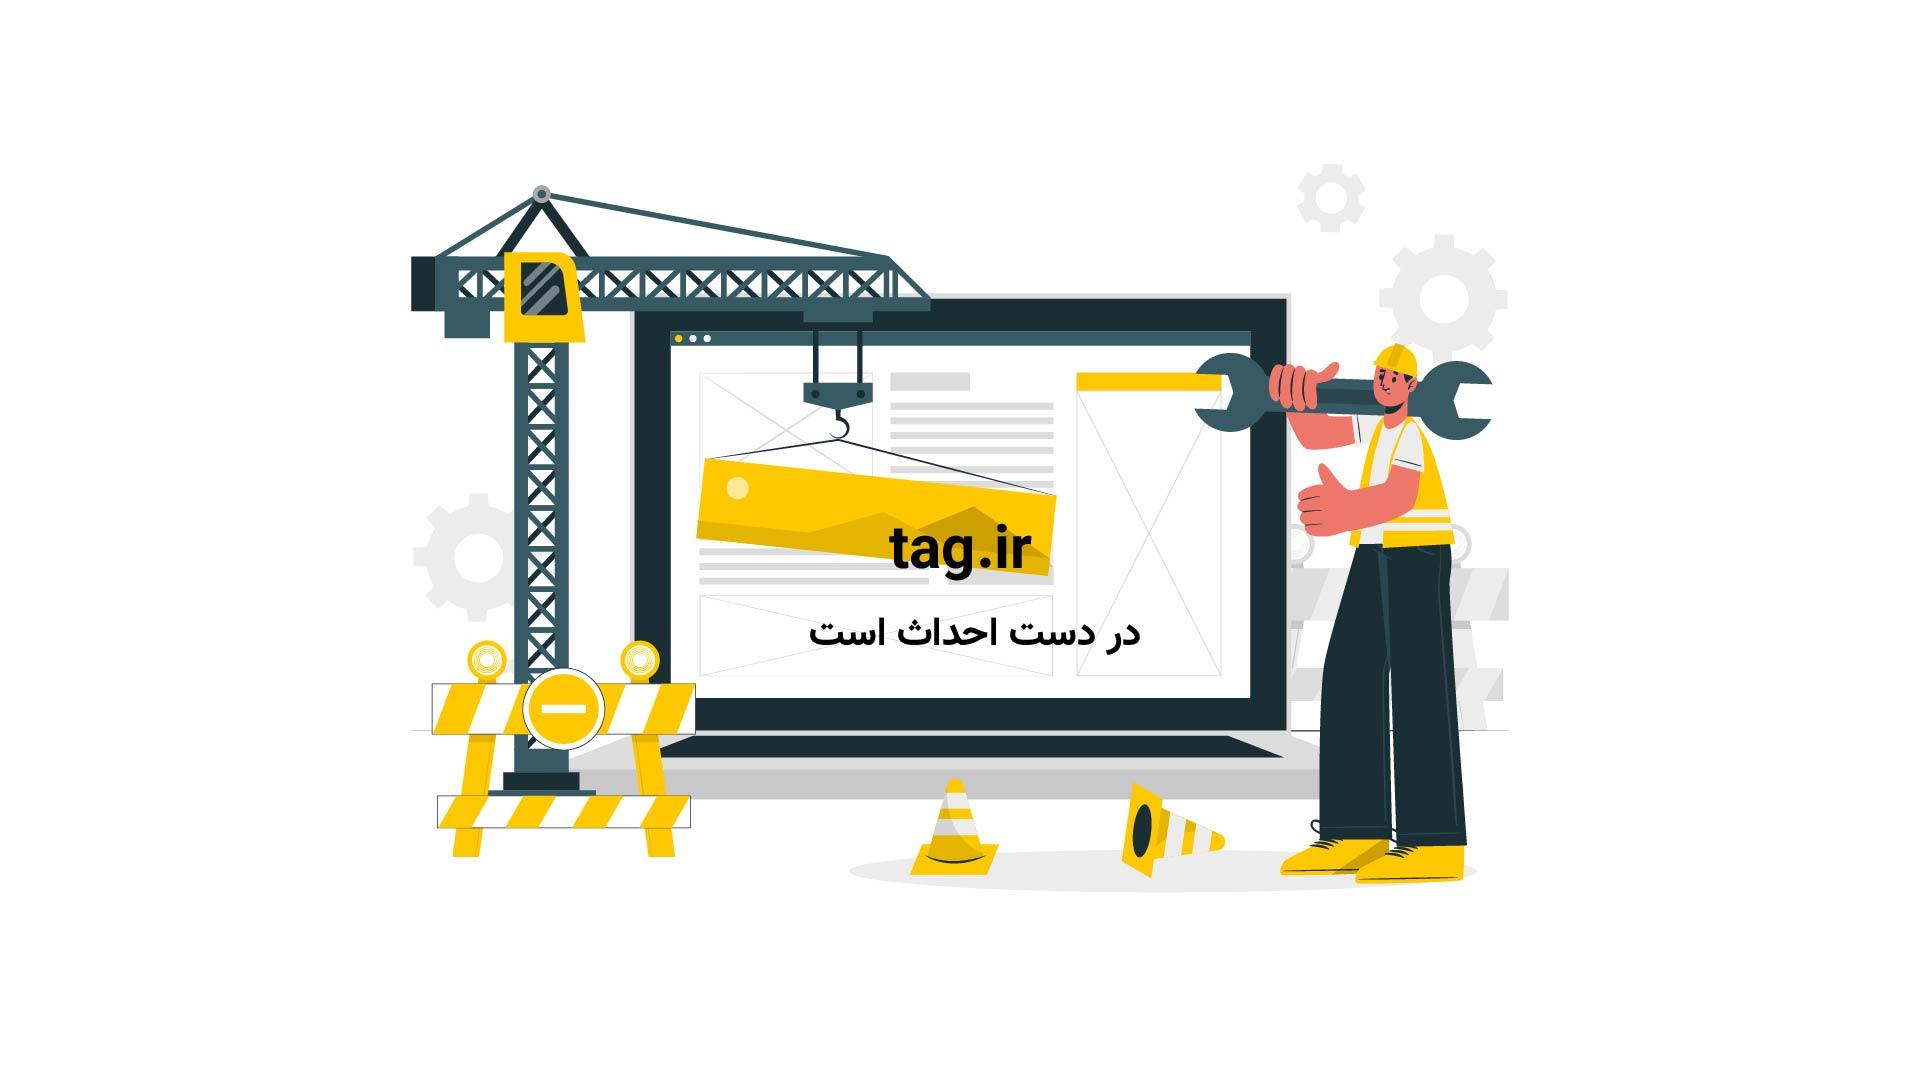 شادی تیم فوتبال برزیلی برای صعود به فینال لیگ آمریکای لاتین پیش از سقوط | فیلم